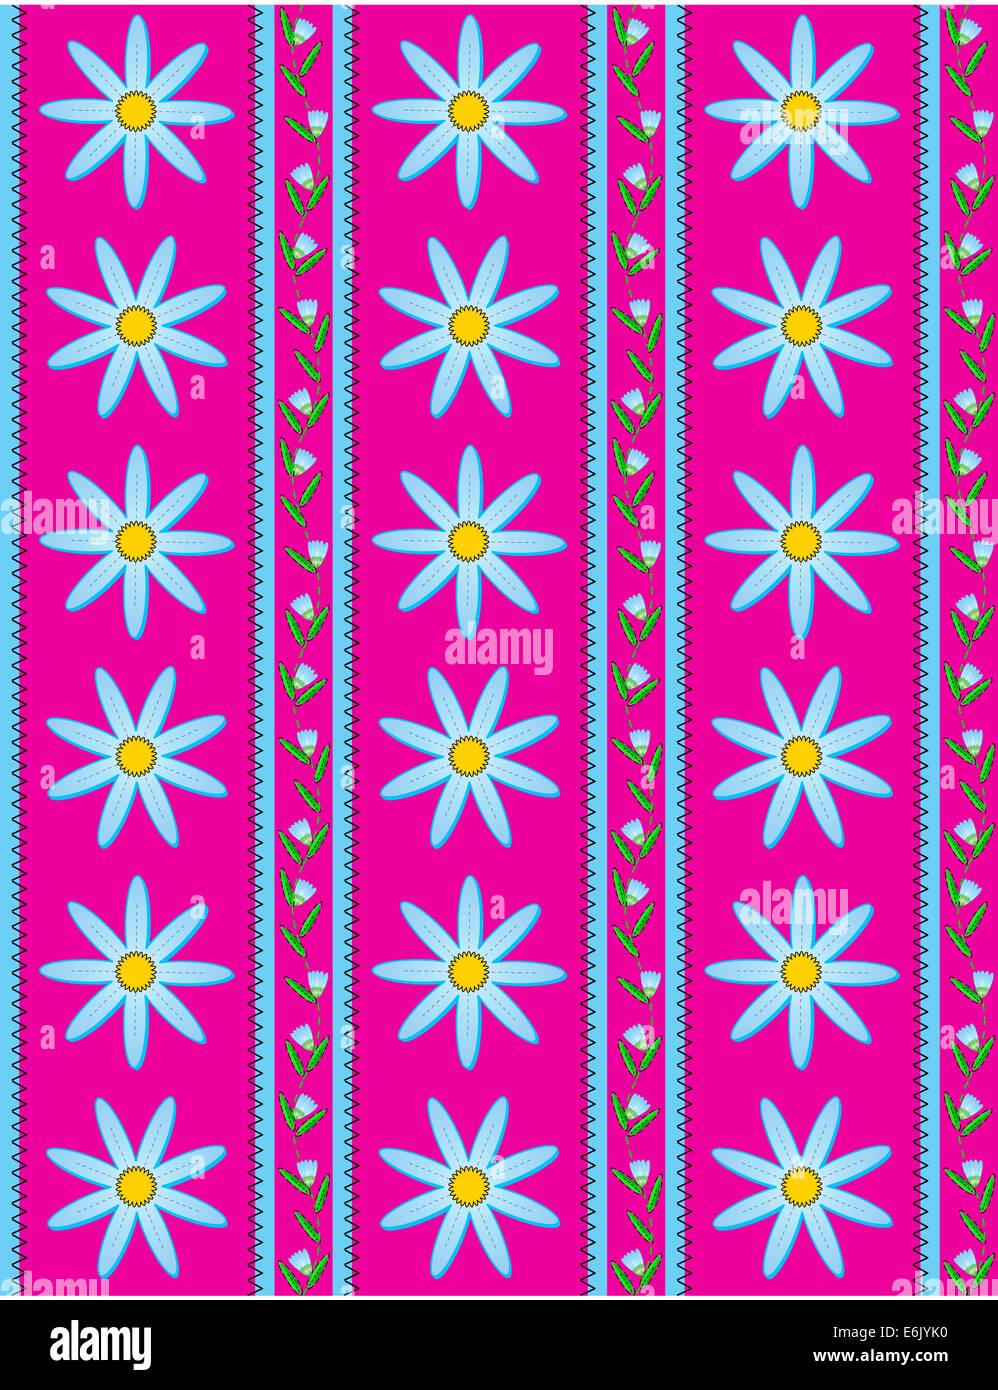 Jpg Fondo De Pantalla De Rayas Rosa Con Flores Azules Bud Vid Y